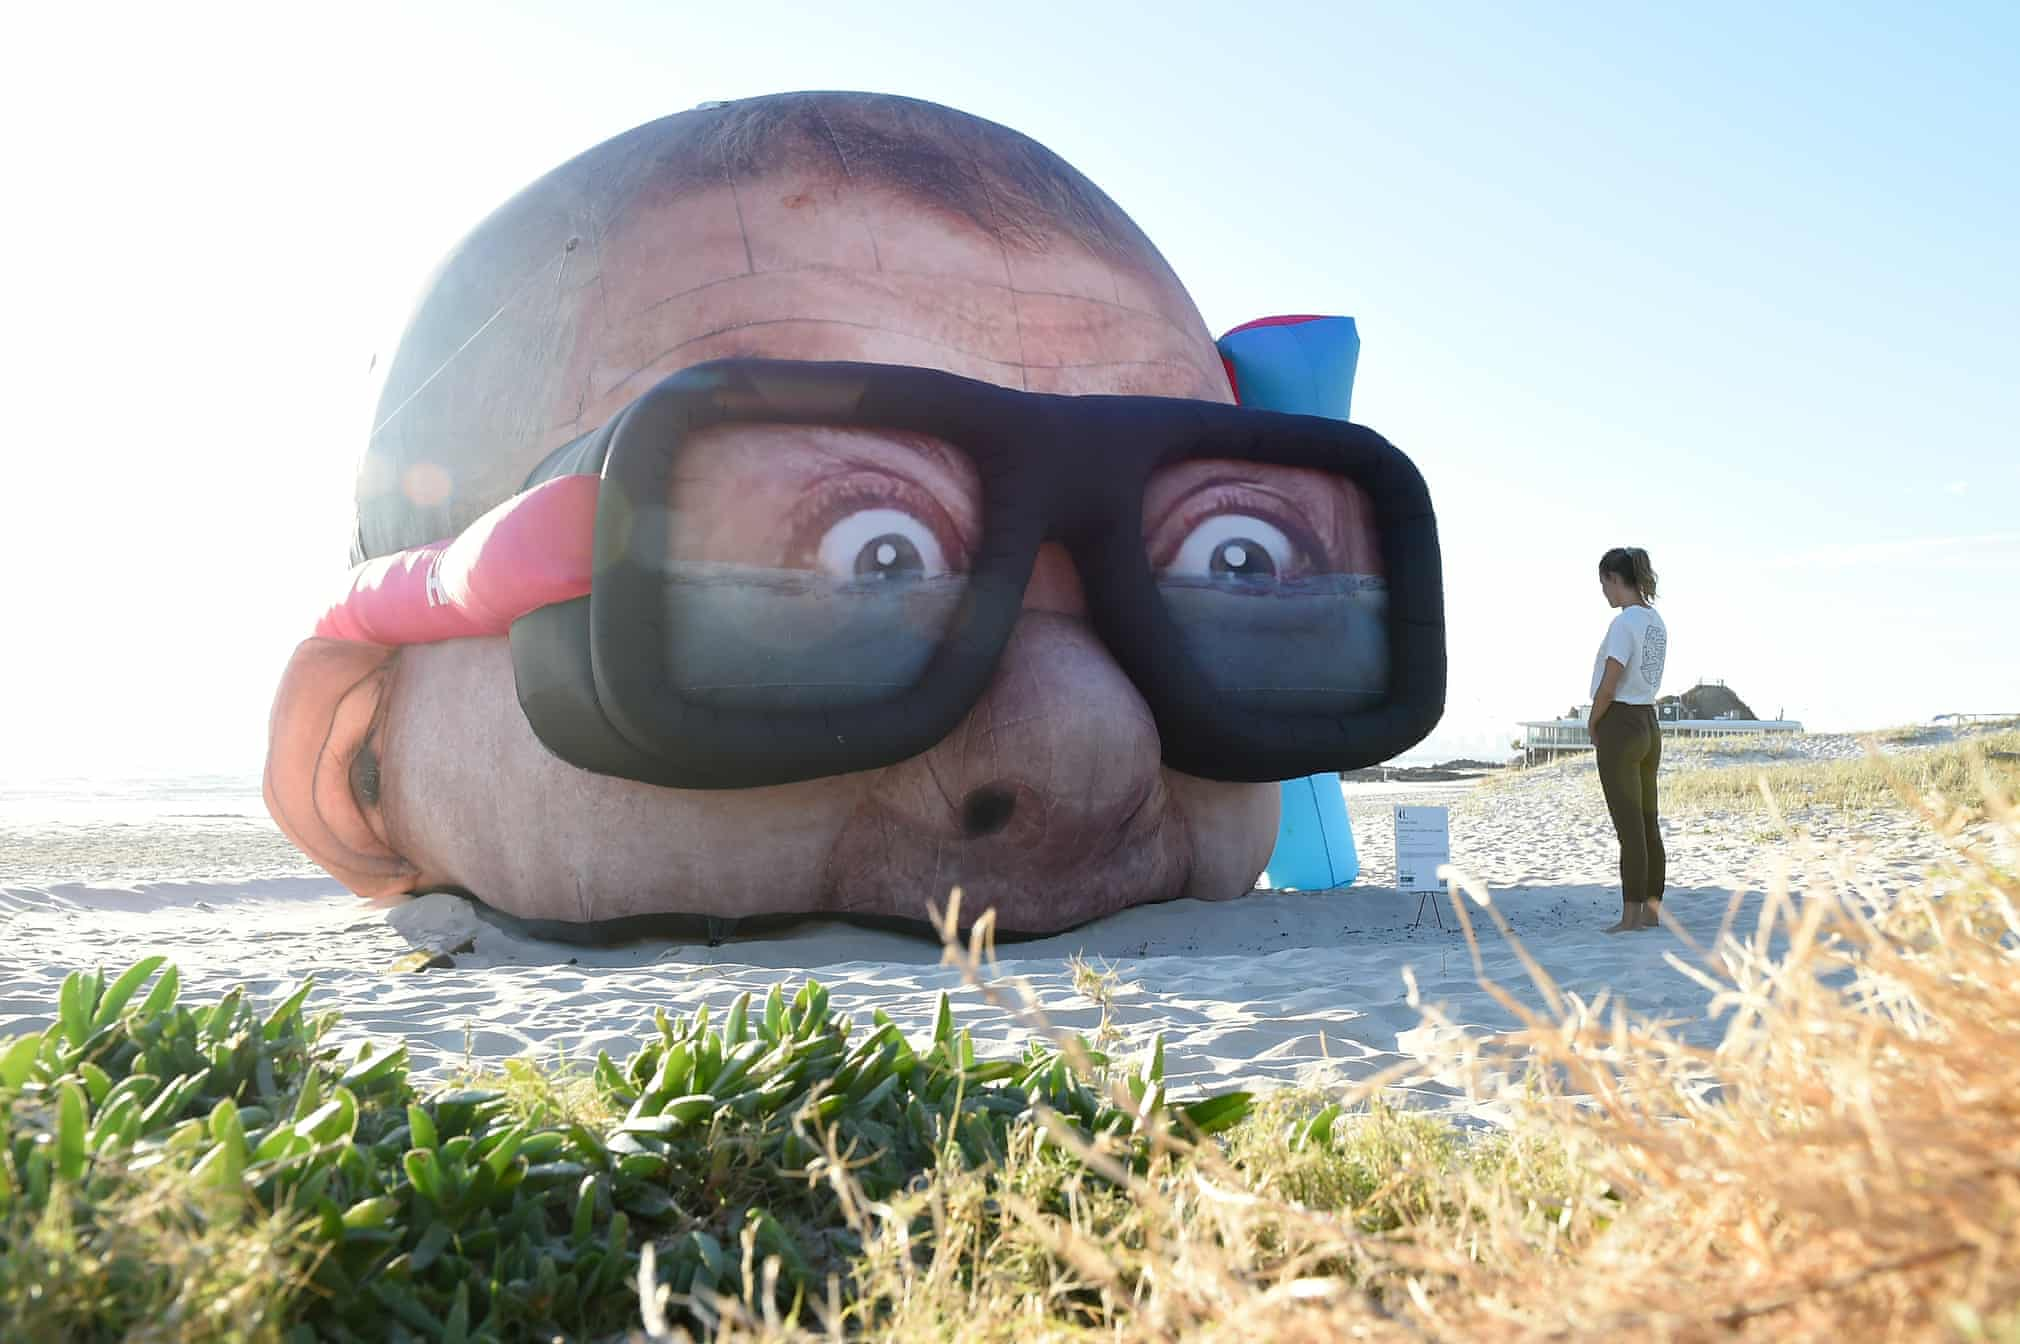 هنر بی نظیر مجسمه سازی در ساحل+عکس